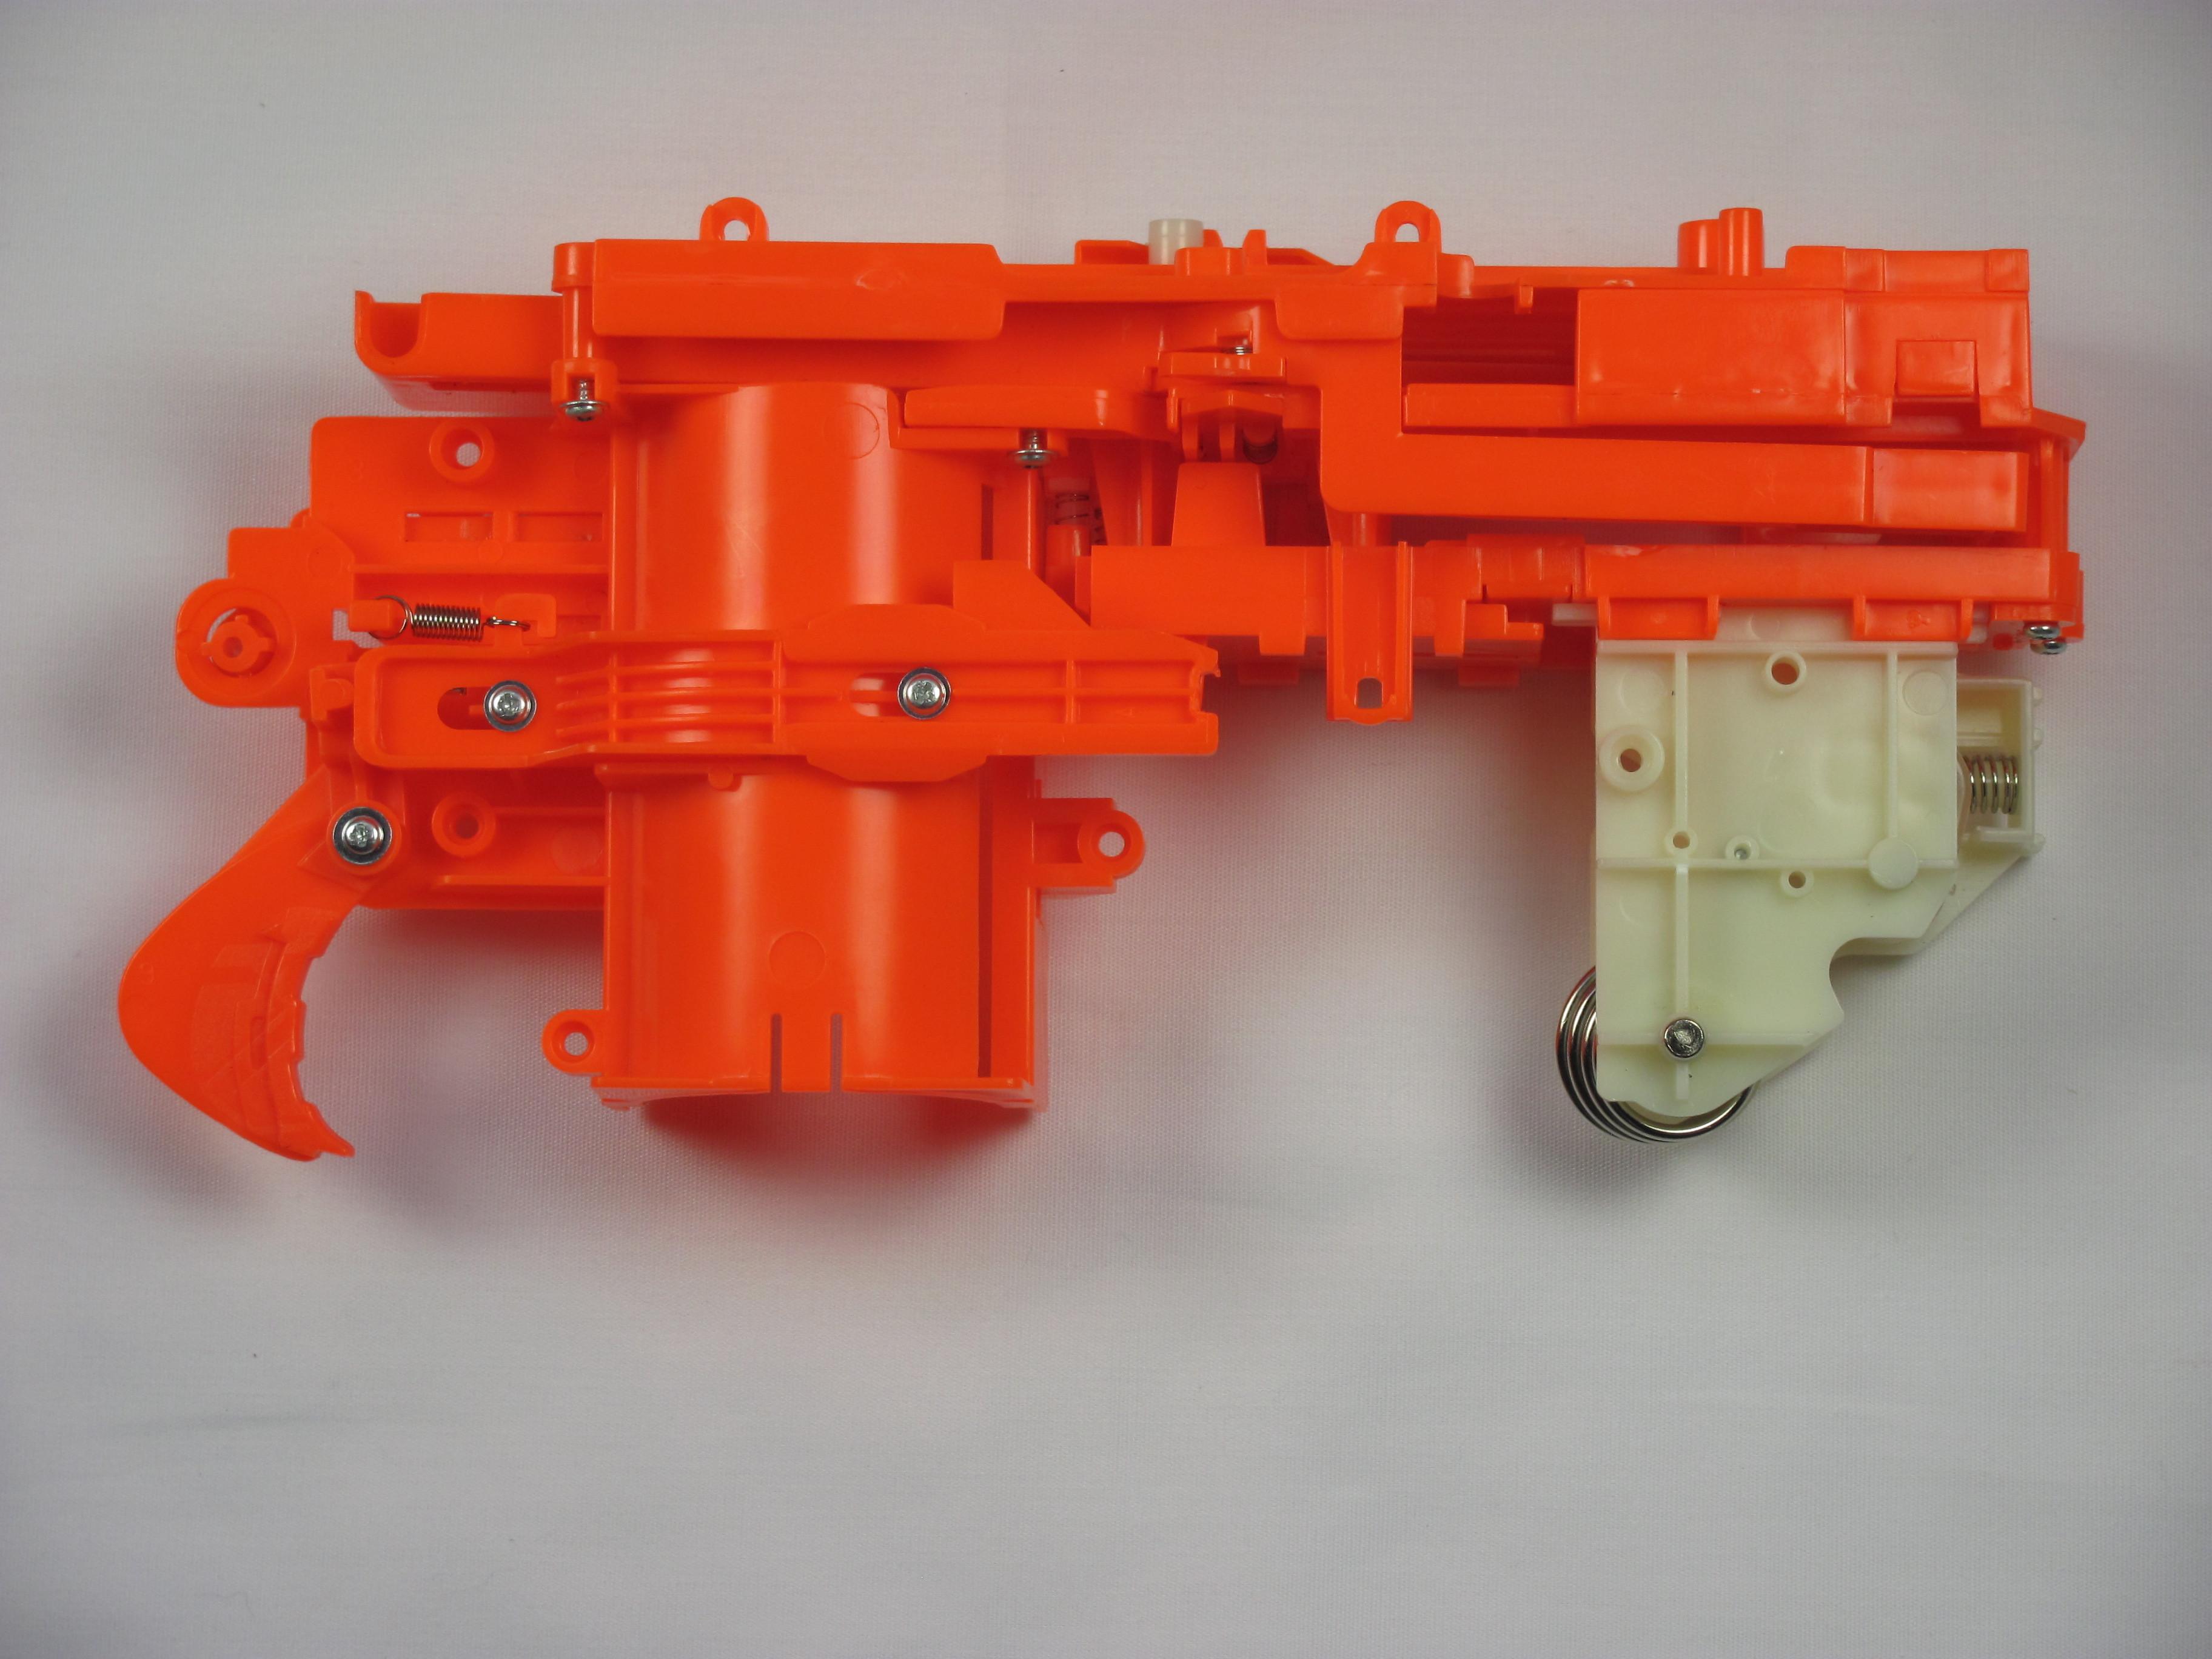 Nerf Vortex Vigilon Repair - iFixit